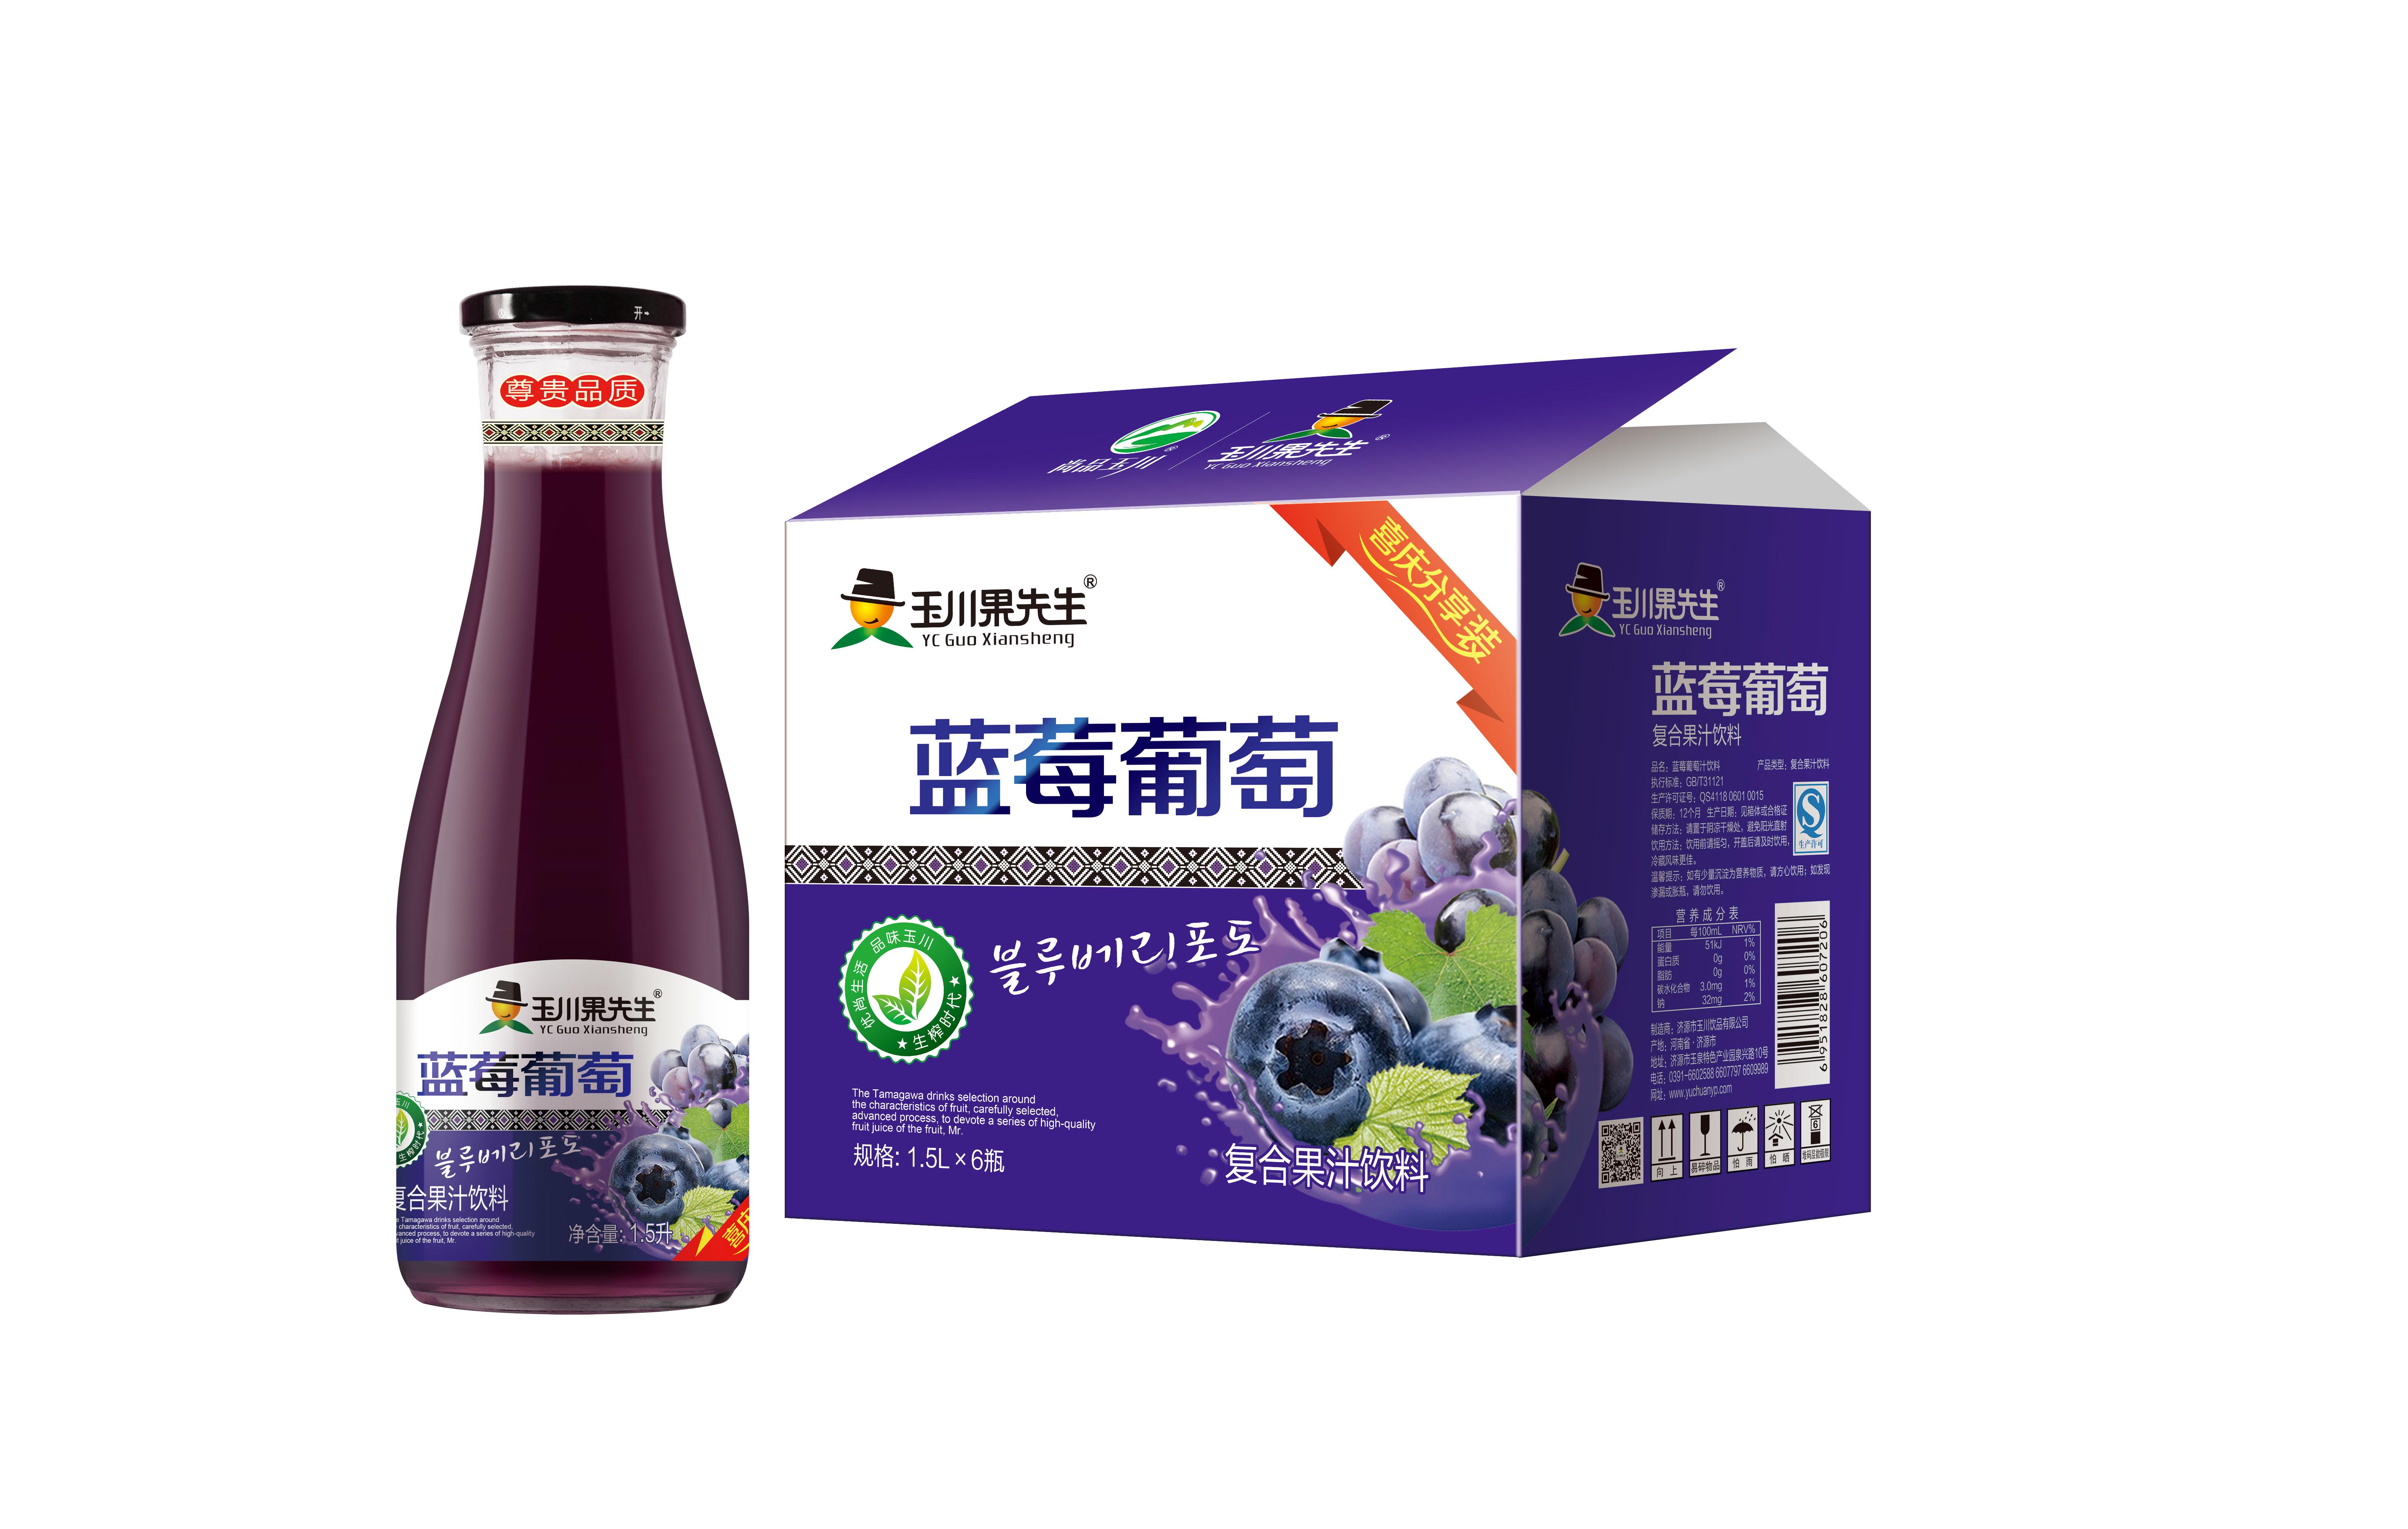 1.5L×6 玉川果先生63#蓝莓葡萄果汁饮料